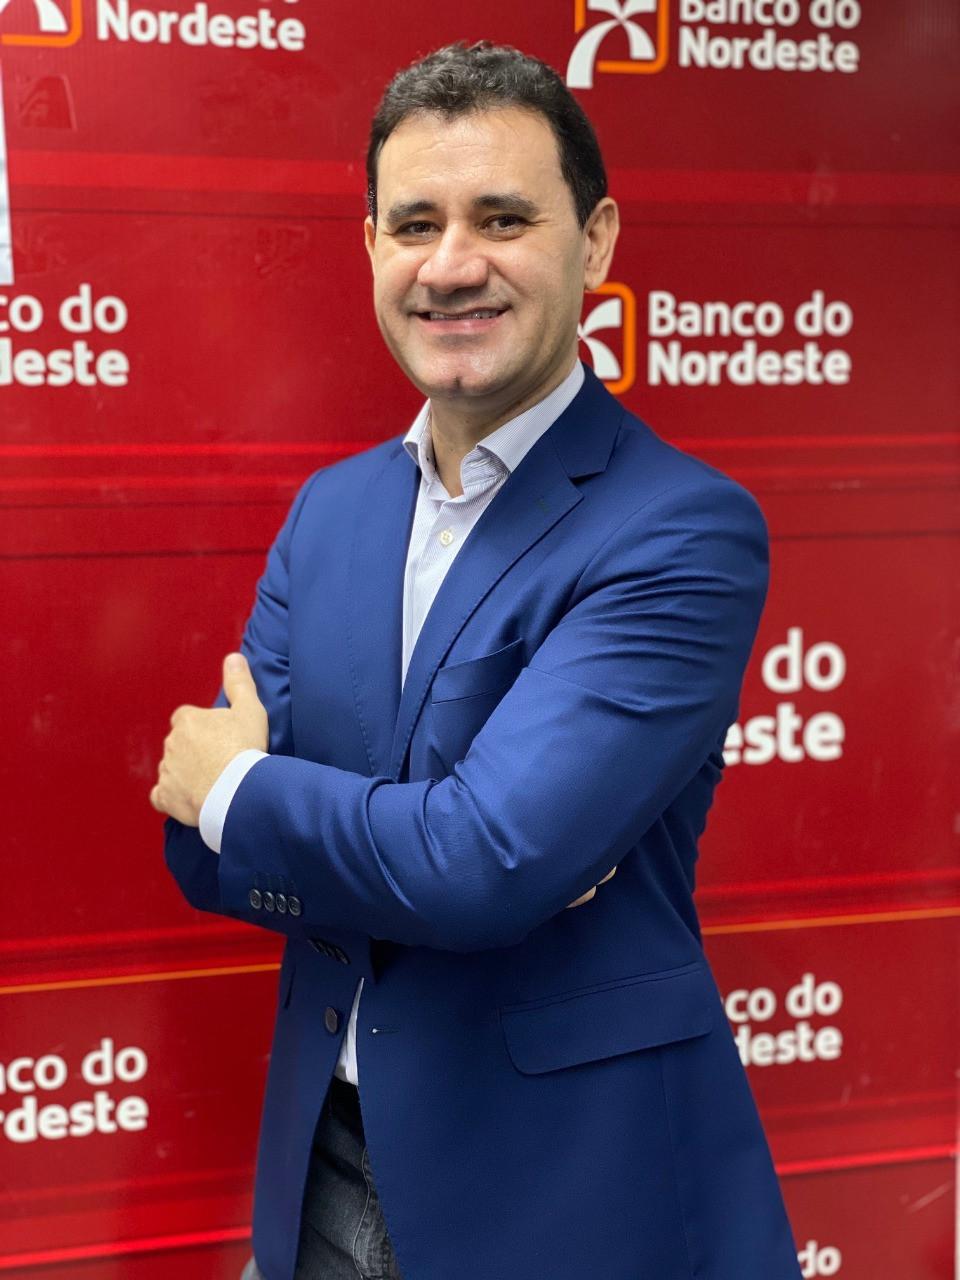 CDL SLZ PROMOVE LIVE SOBRE SOLUÇÕES DE CRÉDITO DO BNB NA TERÇA (28.04)